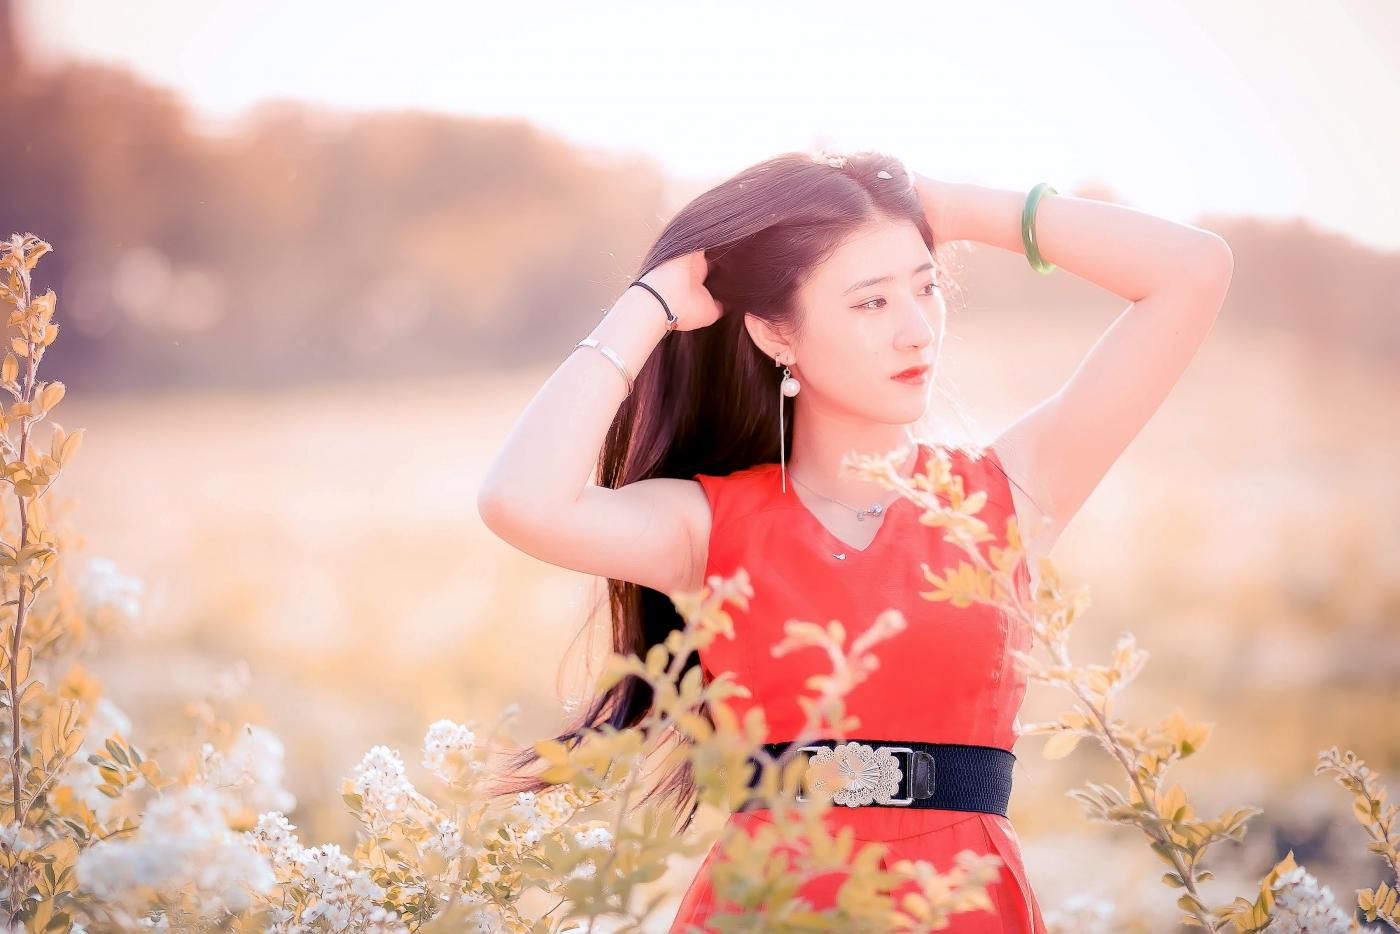 临沂大学有这么一道美丽的蔷薇长廊 当蔷薇MM王璐在她面前走过 ..._图1-4